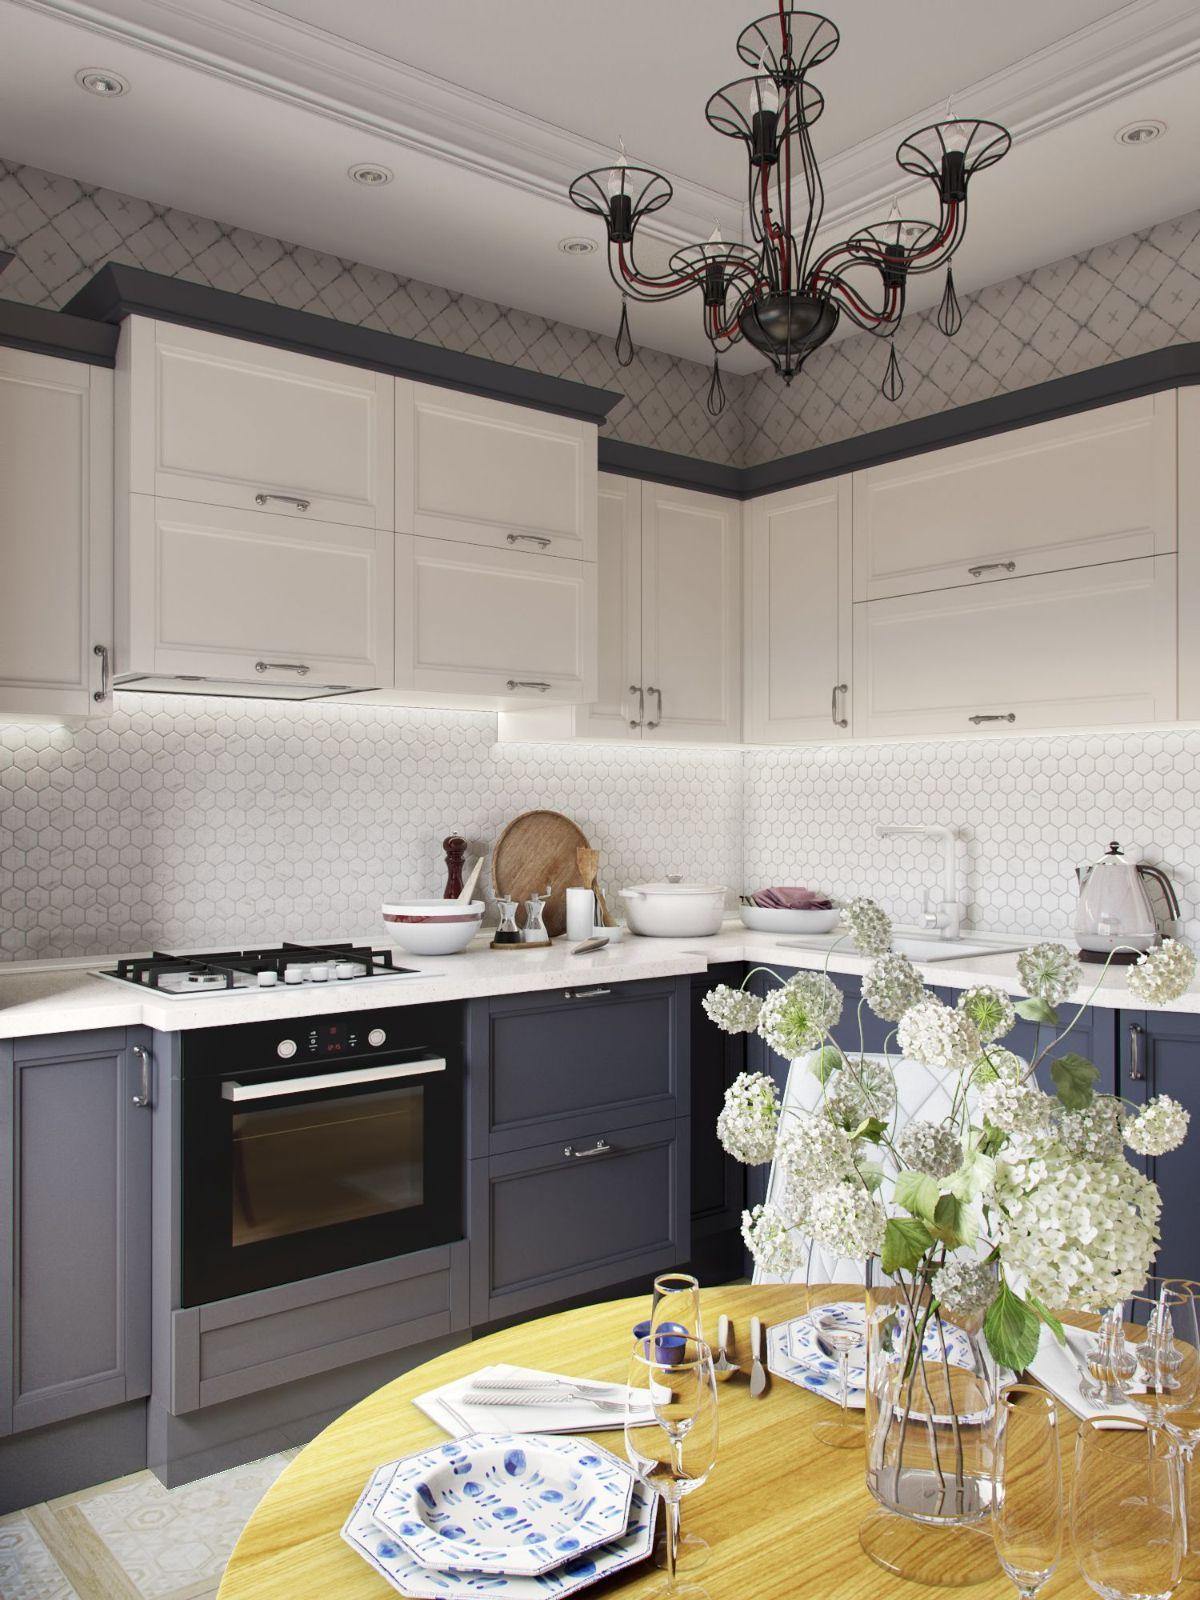 кухня в неоклассическом стиле тёмный и асфальтный цвет